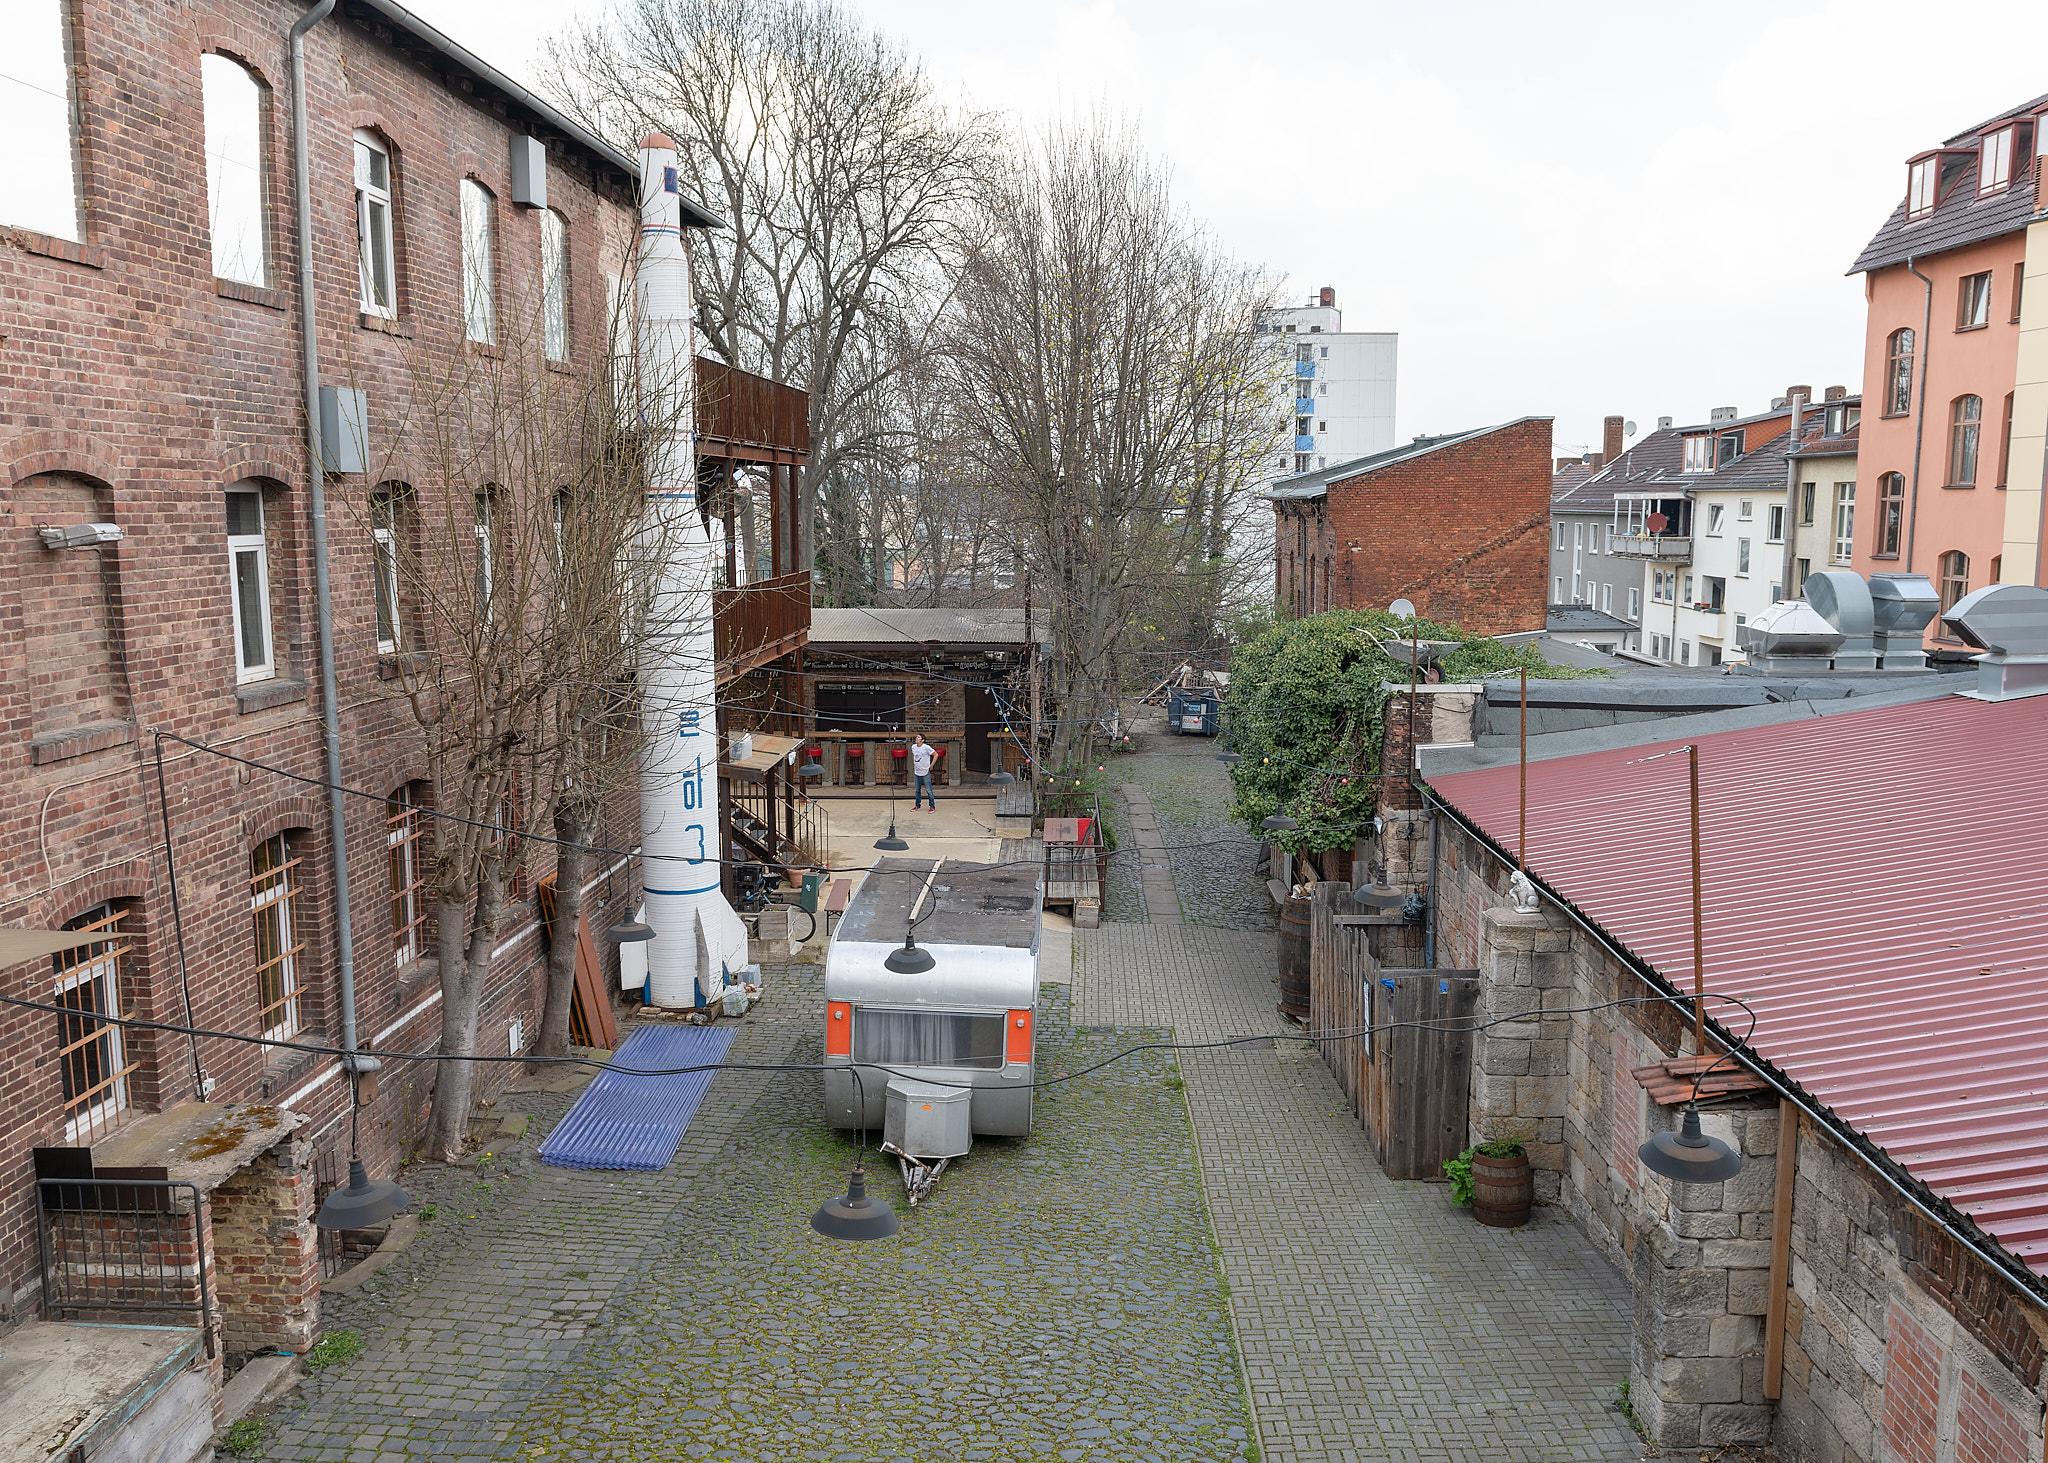 Ein Foto von der Werner-Hilpert-Straße 22, einem Ausstellungsort der documenta fifteen, von hinten